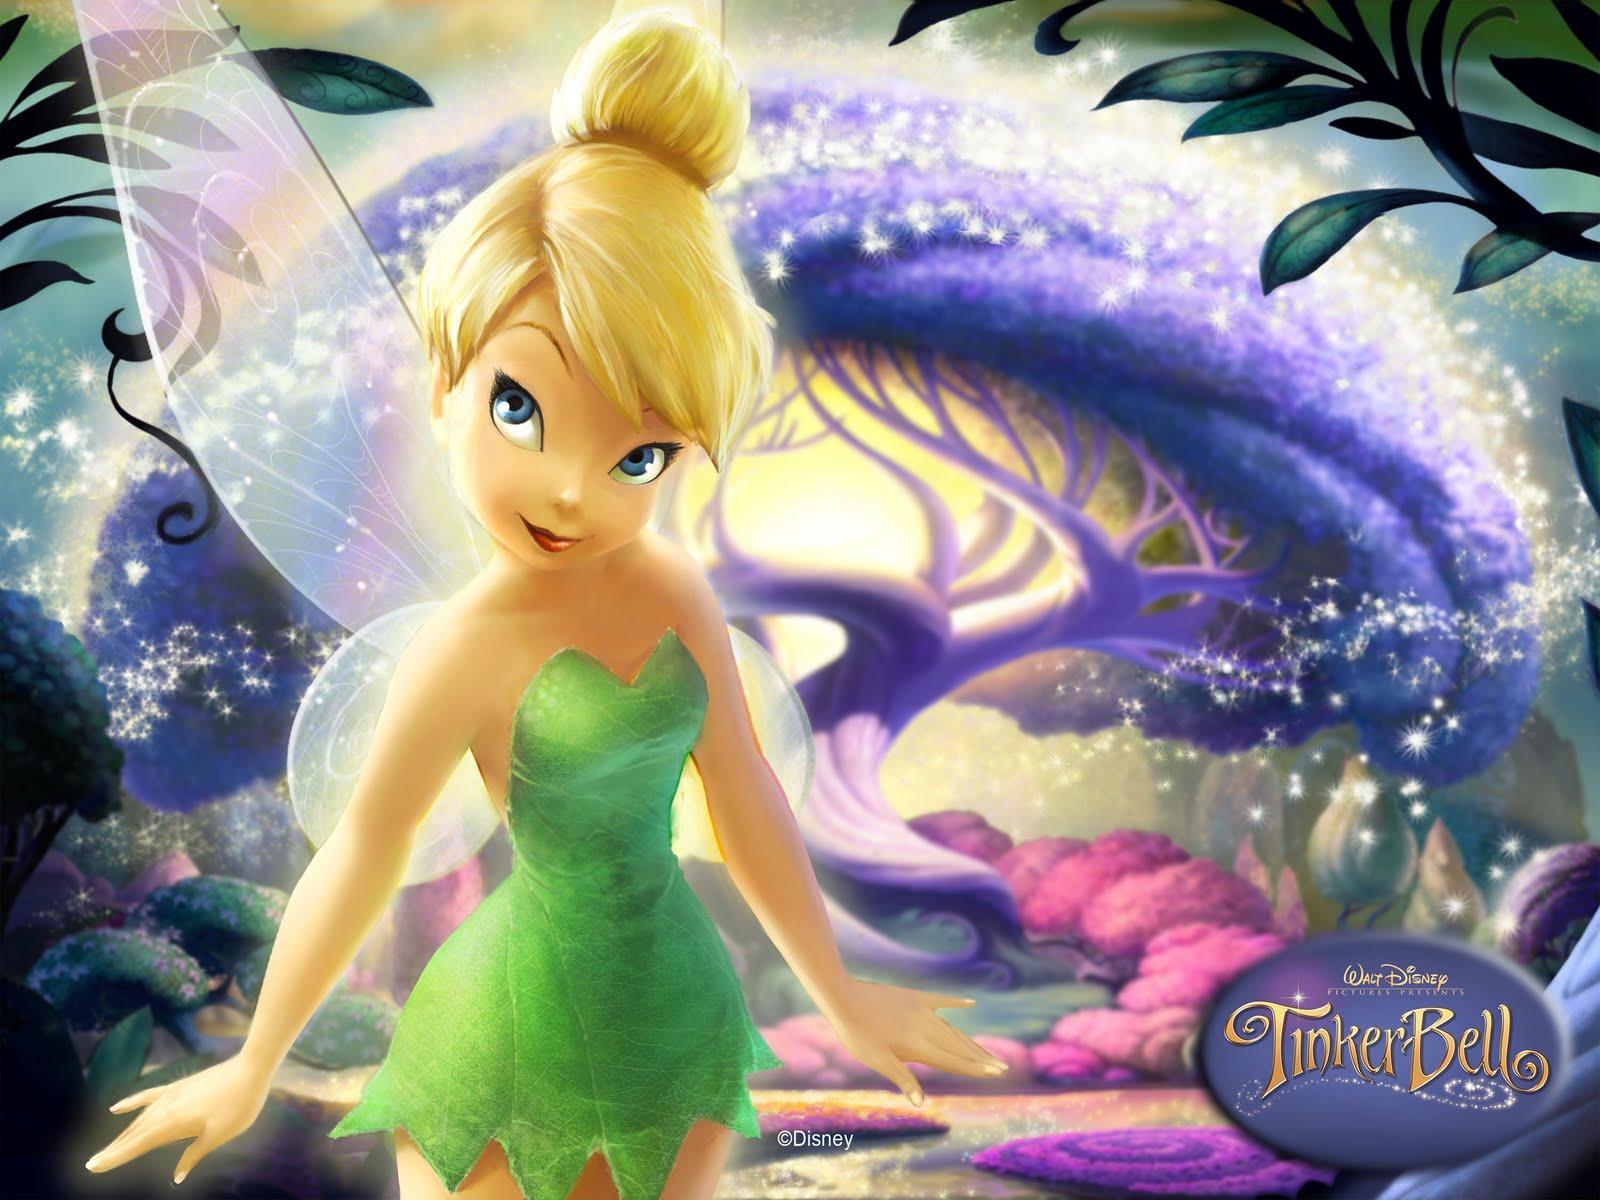 Coleção Tinker Bell - Torrent Download Blu-ray 720p-1080p Dublado (2012)